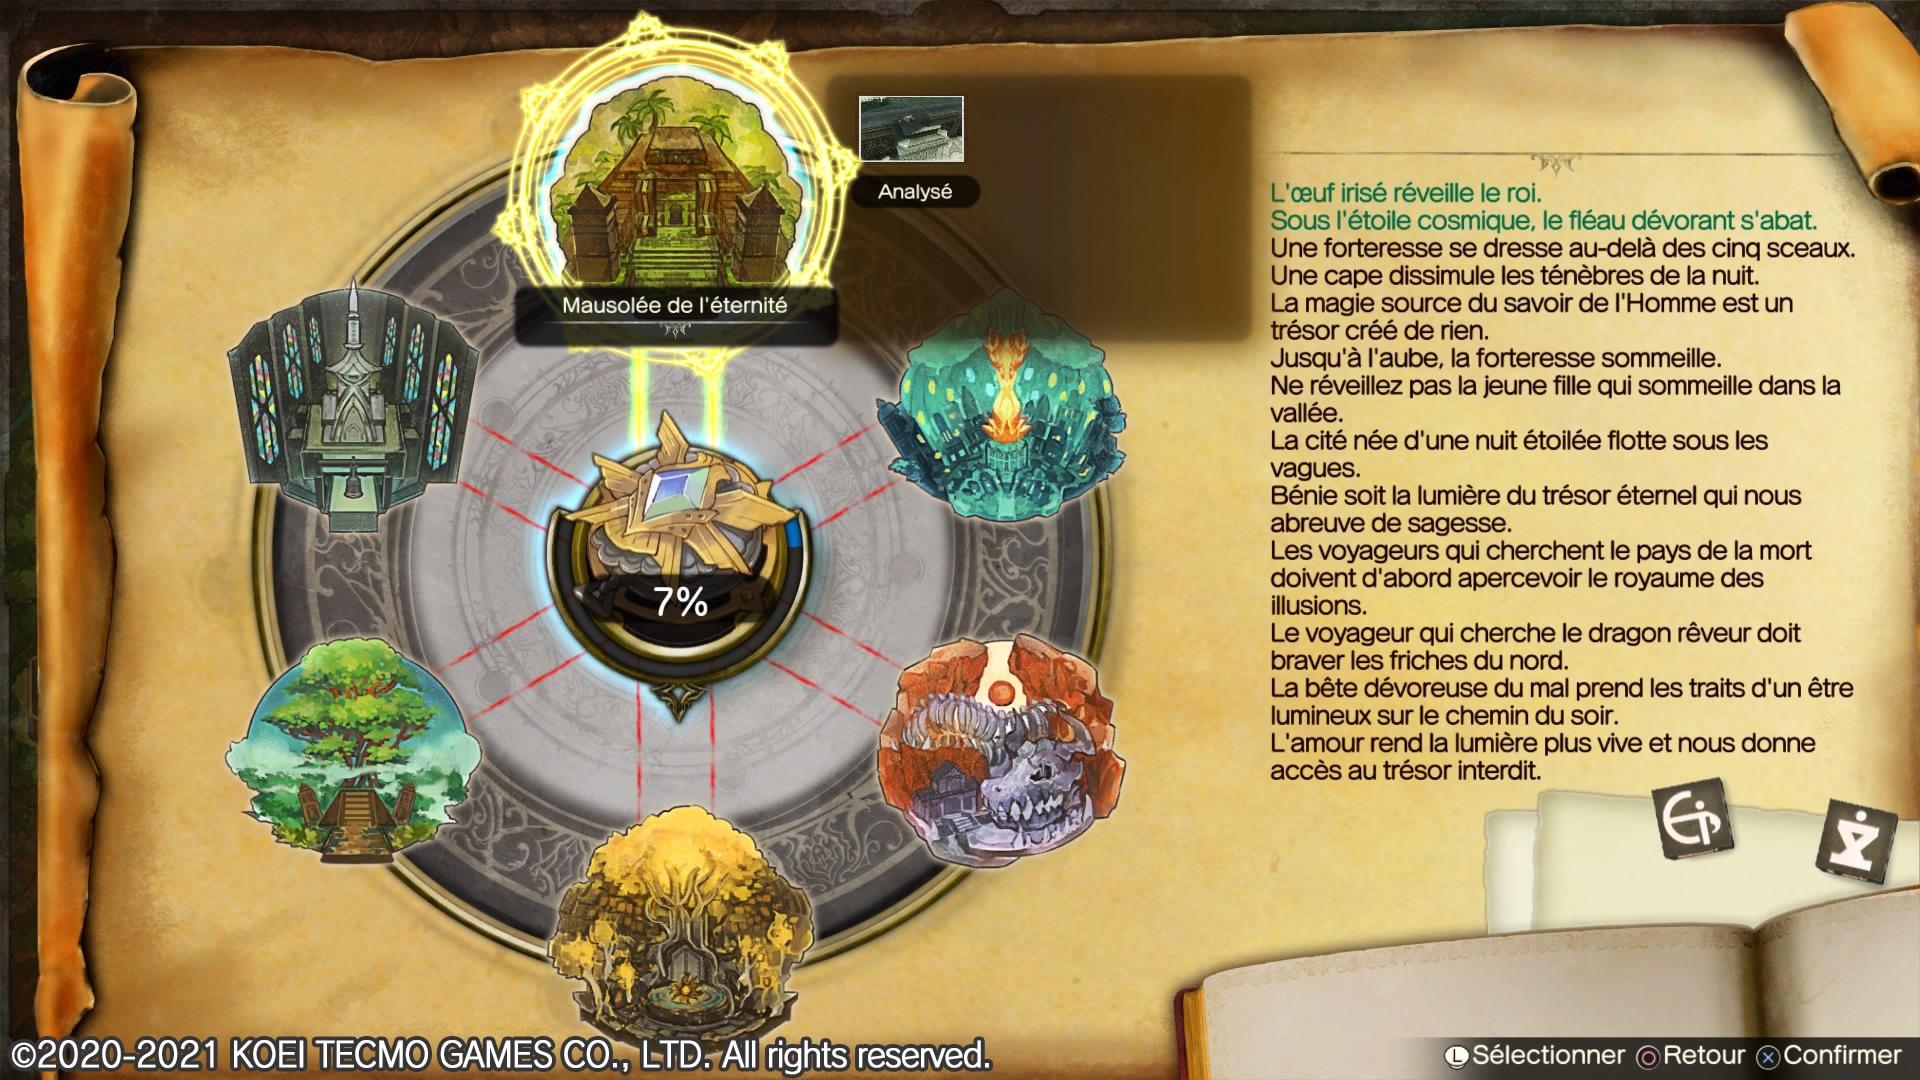 Atelier Ryza 2 : Les Légendes Oubliées & Le Secret de la Fée_20210215135701